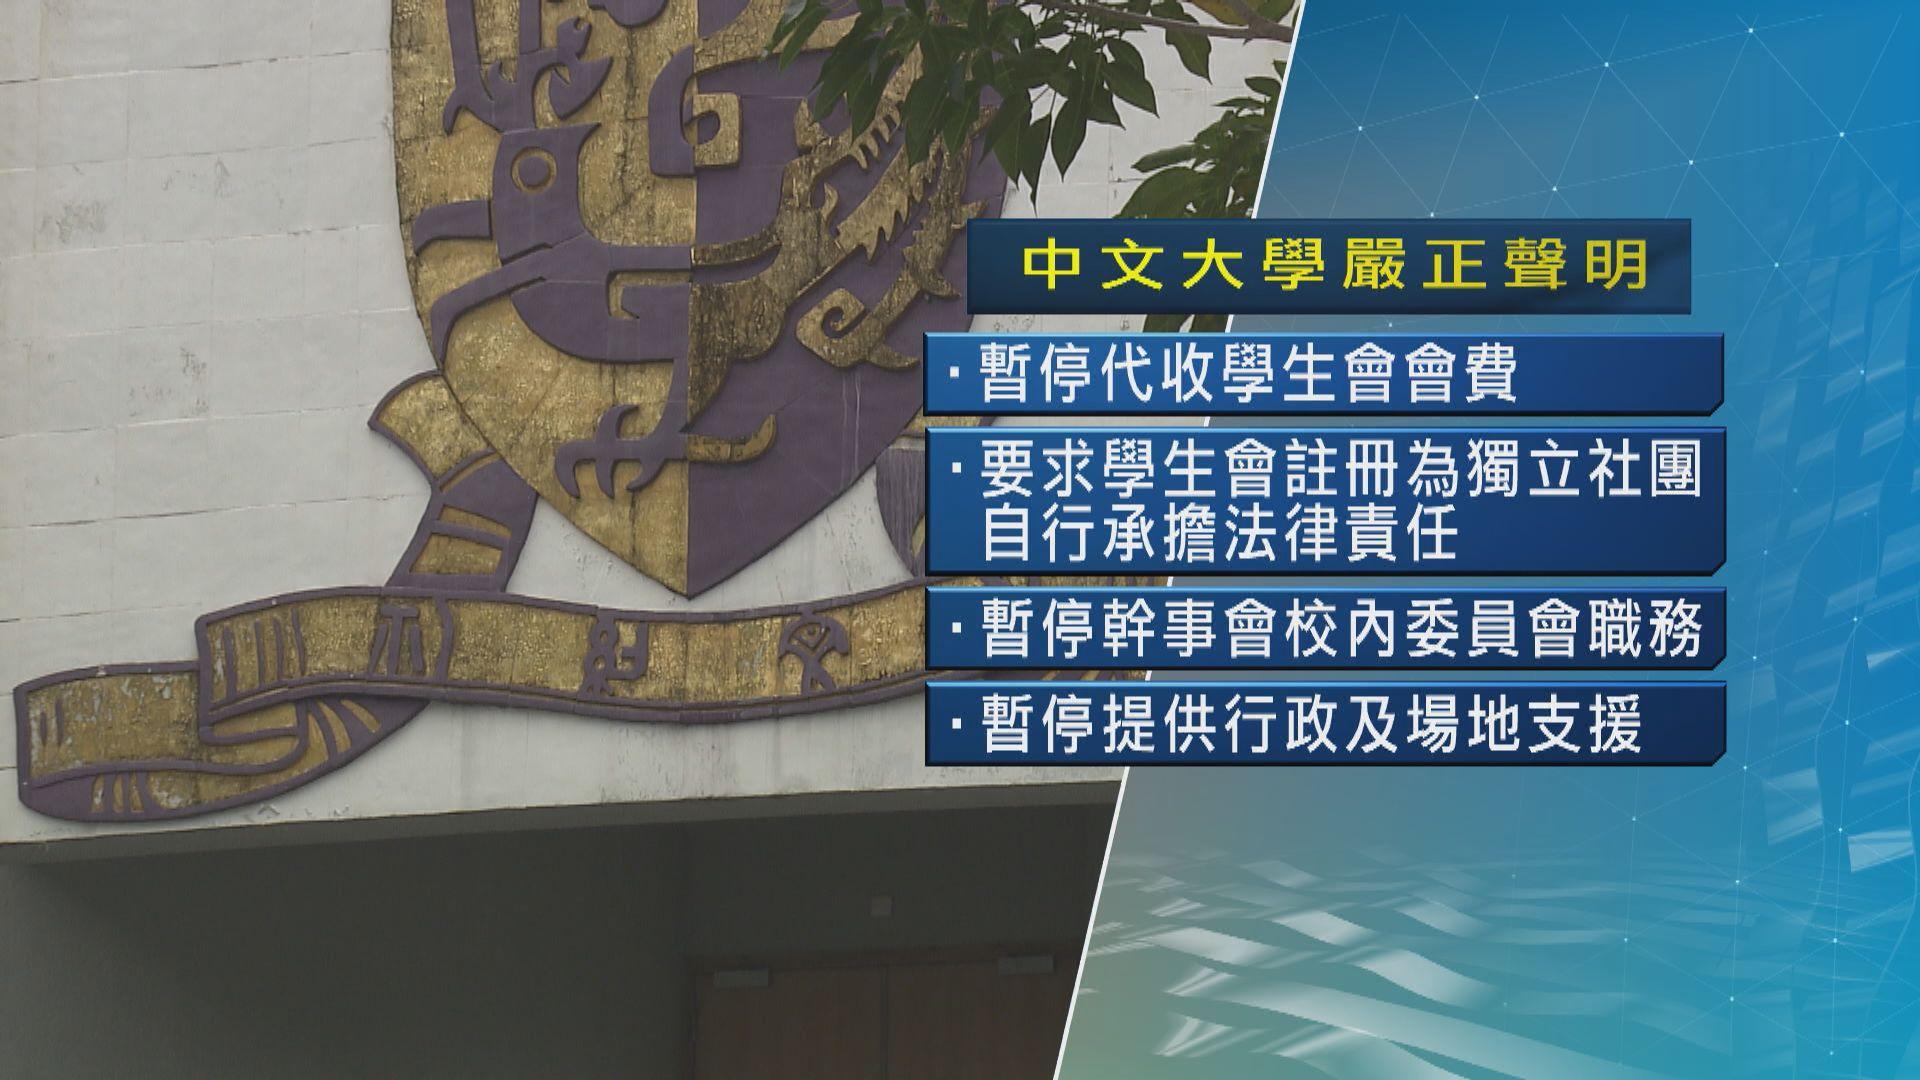 中大要求學生會註冊為獨立社團 候任內閣批校方打壓